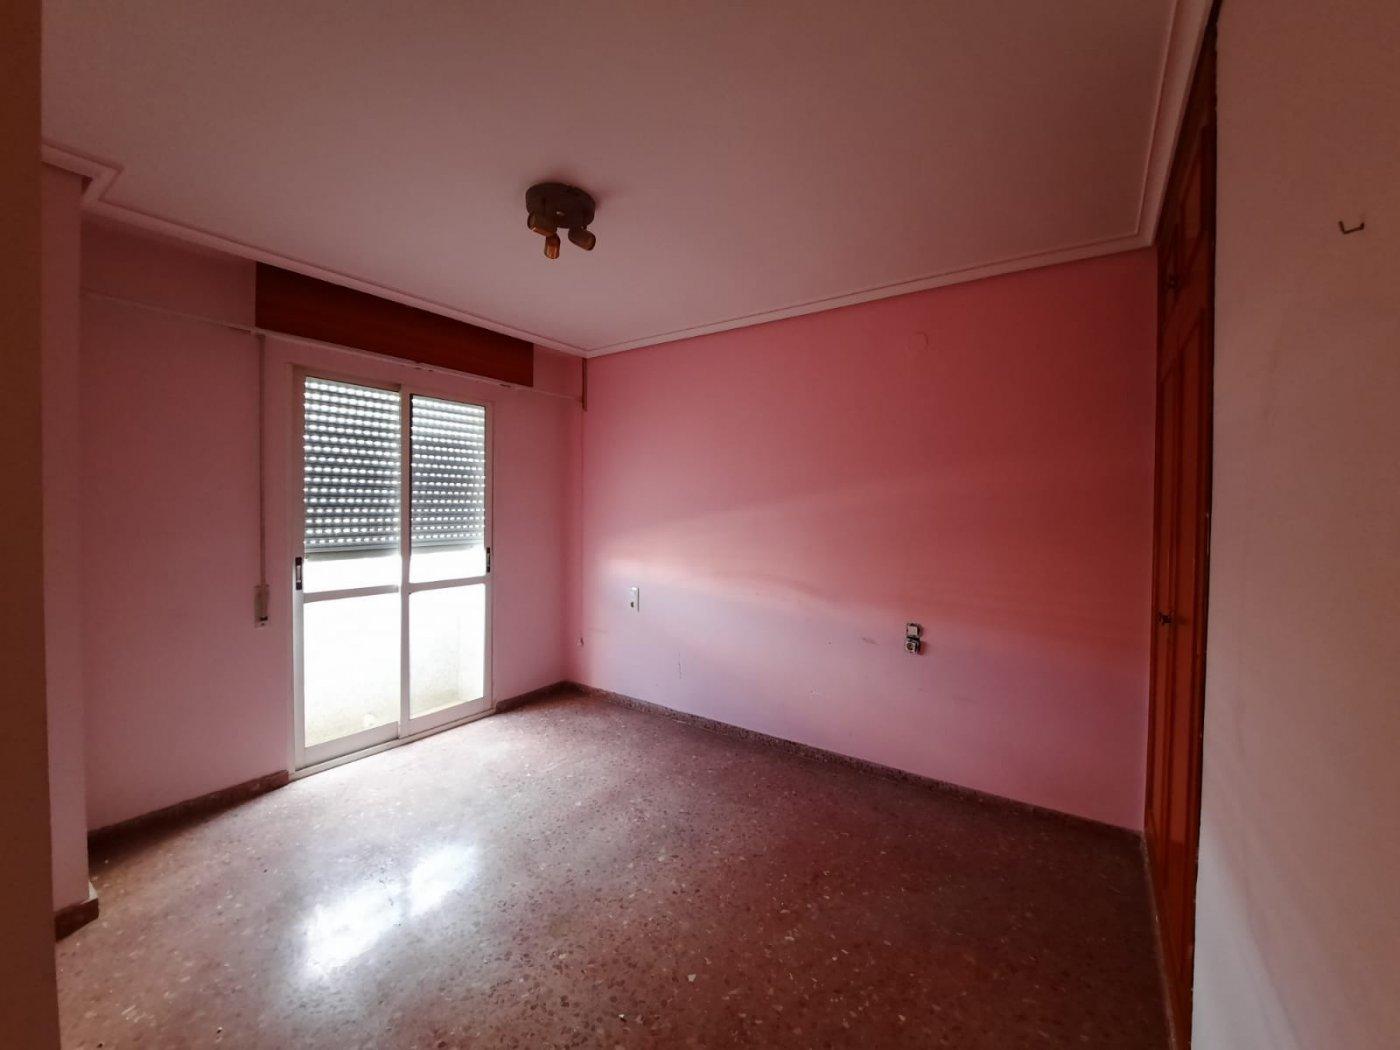 Piso en venta en calle ciudad de barcelona 7, 2a, 3, 46701 gandia.  l.a riqueza de la imag - imagenInmueble18